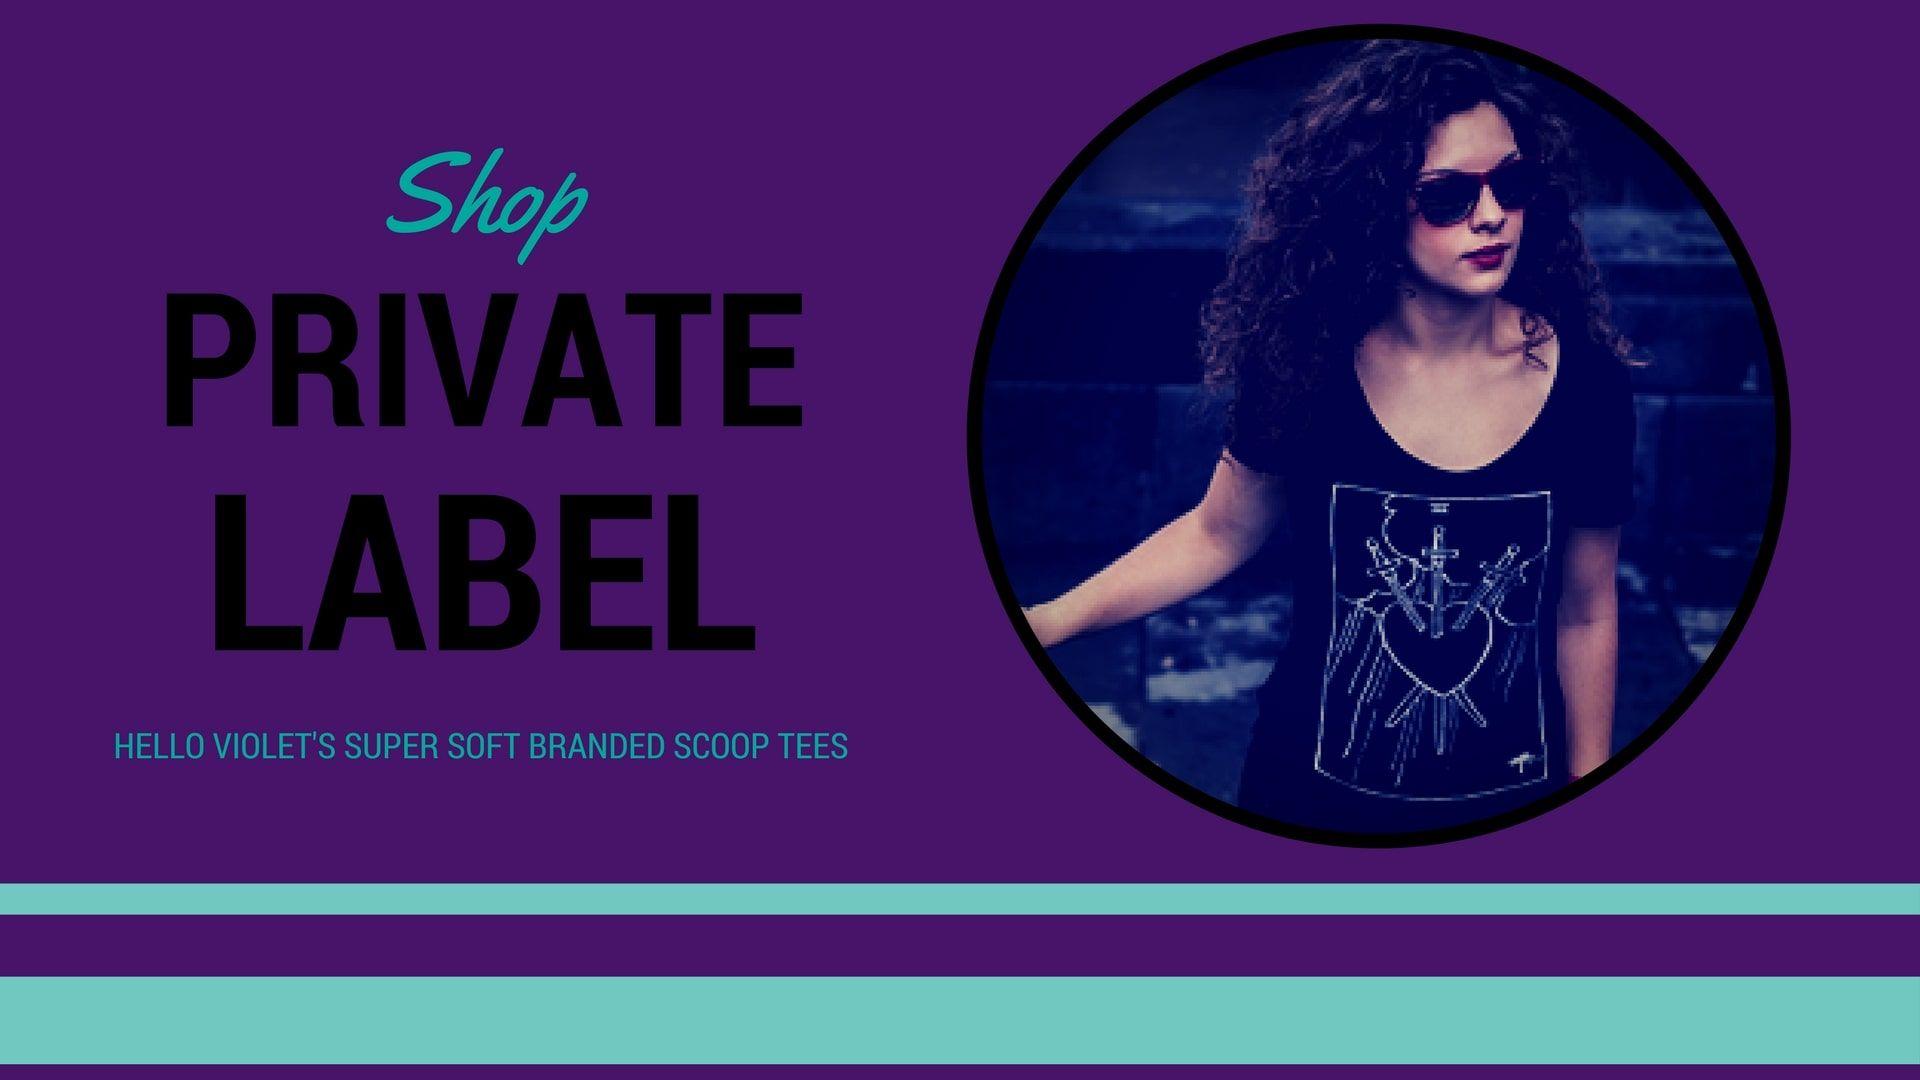 shop private label